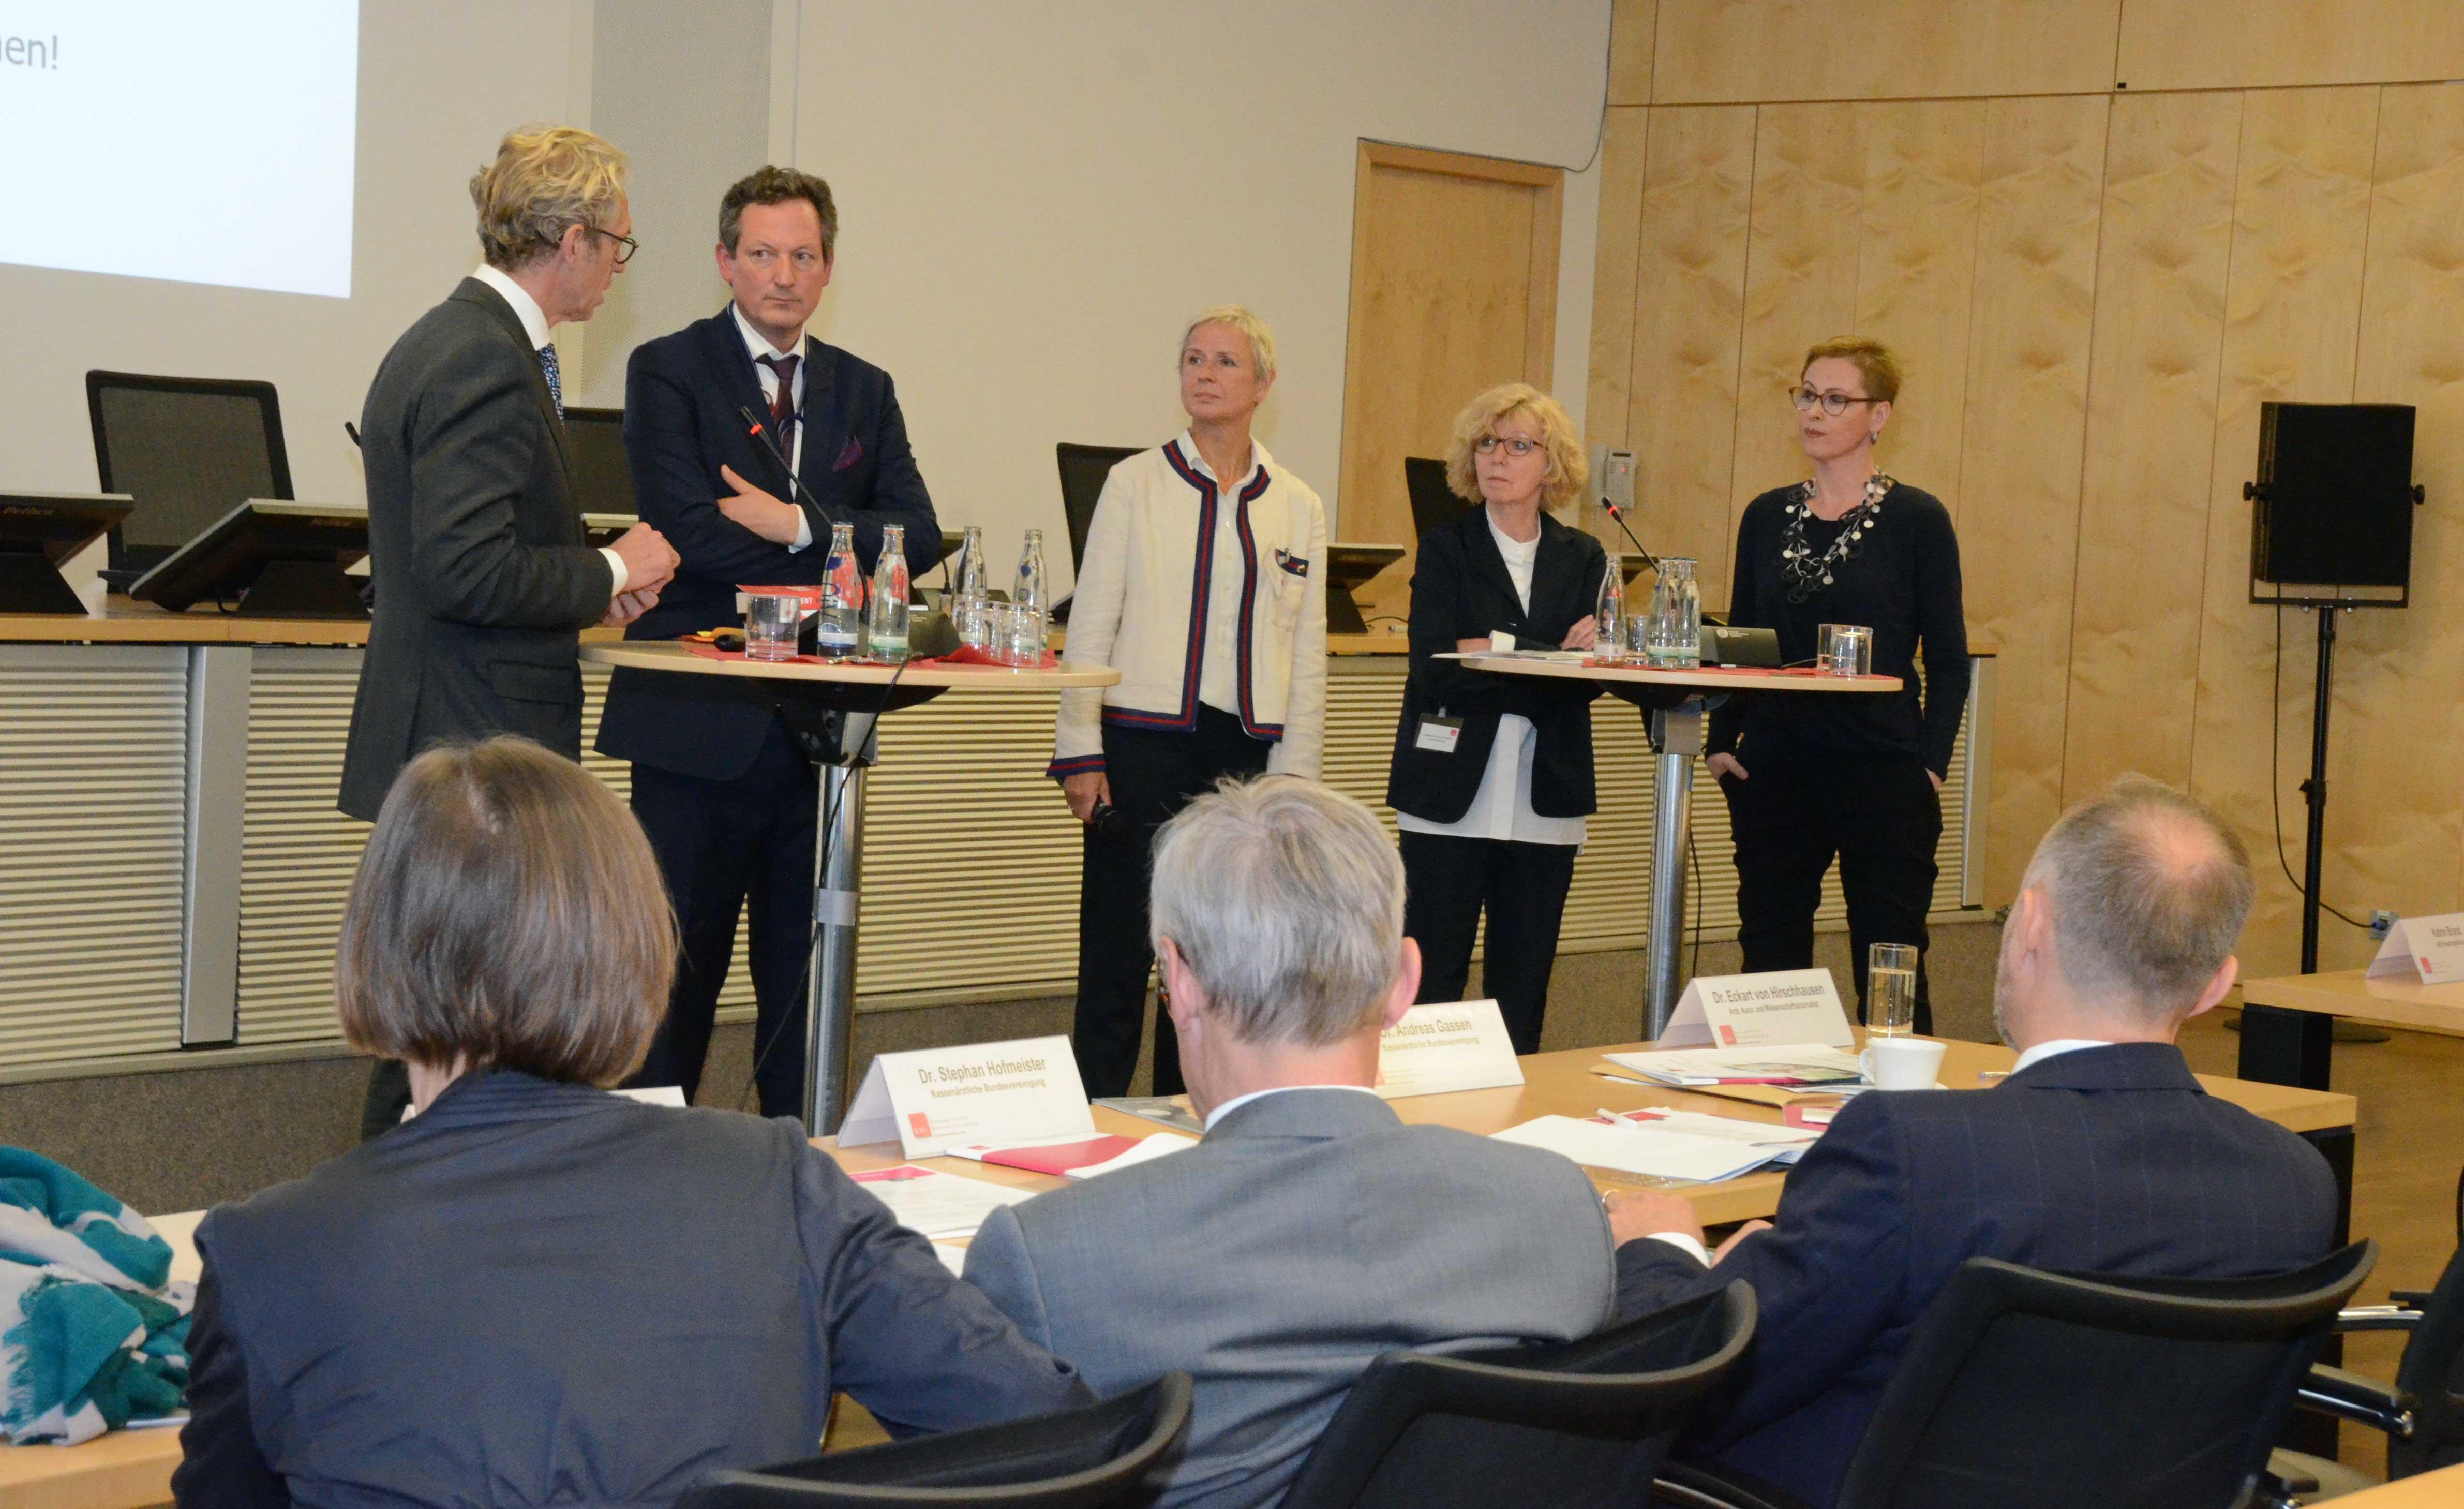 Von links nach rechts: Dr. Andreas Gassen, Dr. Eckart von Hirschhausen, Moderatorin Katrin Brand (WDR), Prof. Dr. Doris Schaeffer, Dr. Christina Dietscher (Foto: Meike Ackermann, KBV)